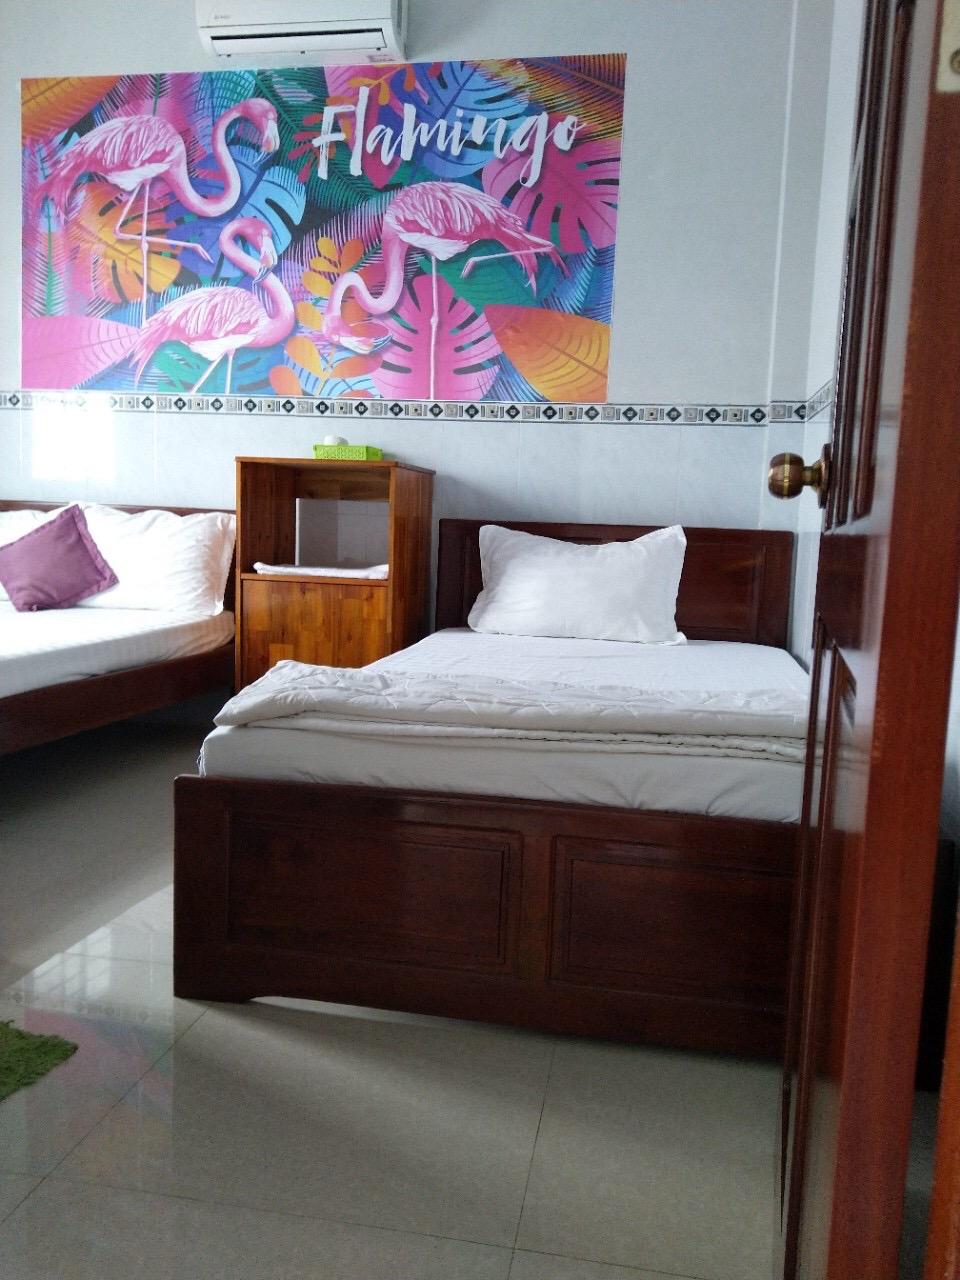 phòng đơn 2 người tại nhà nghỉ đảo Nam Du Hoàng Gia.jpg